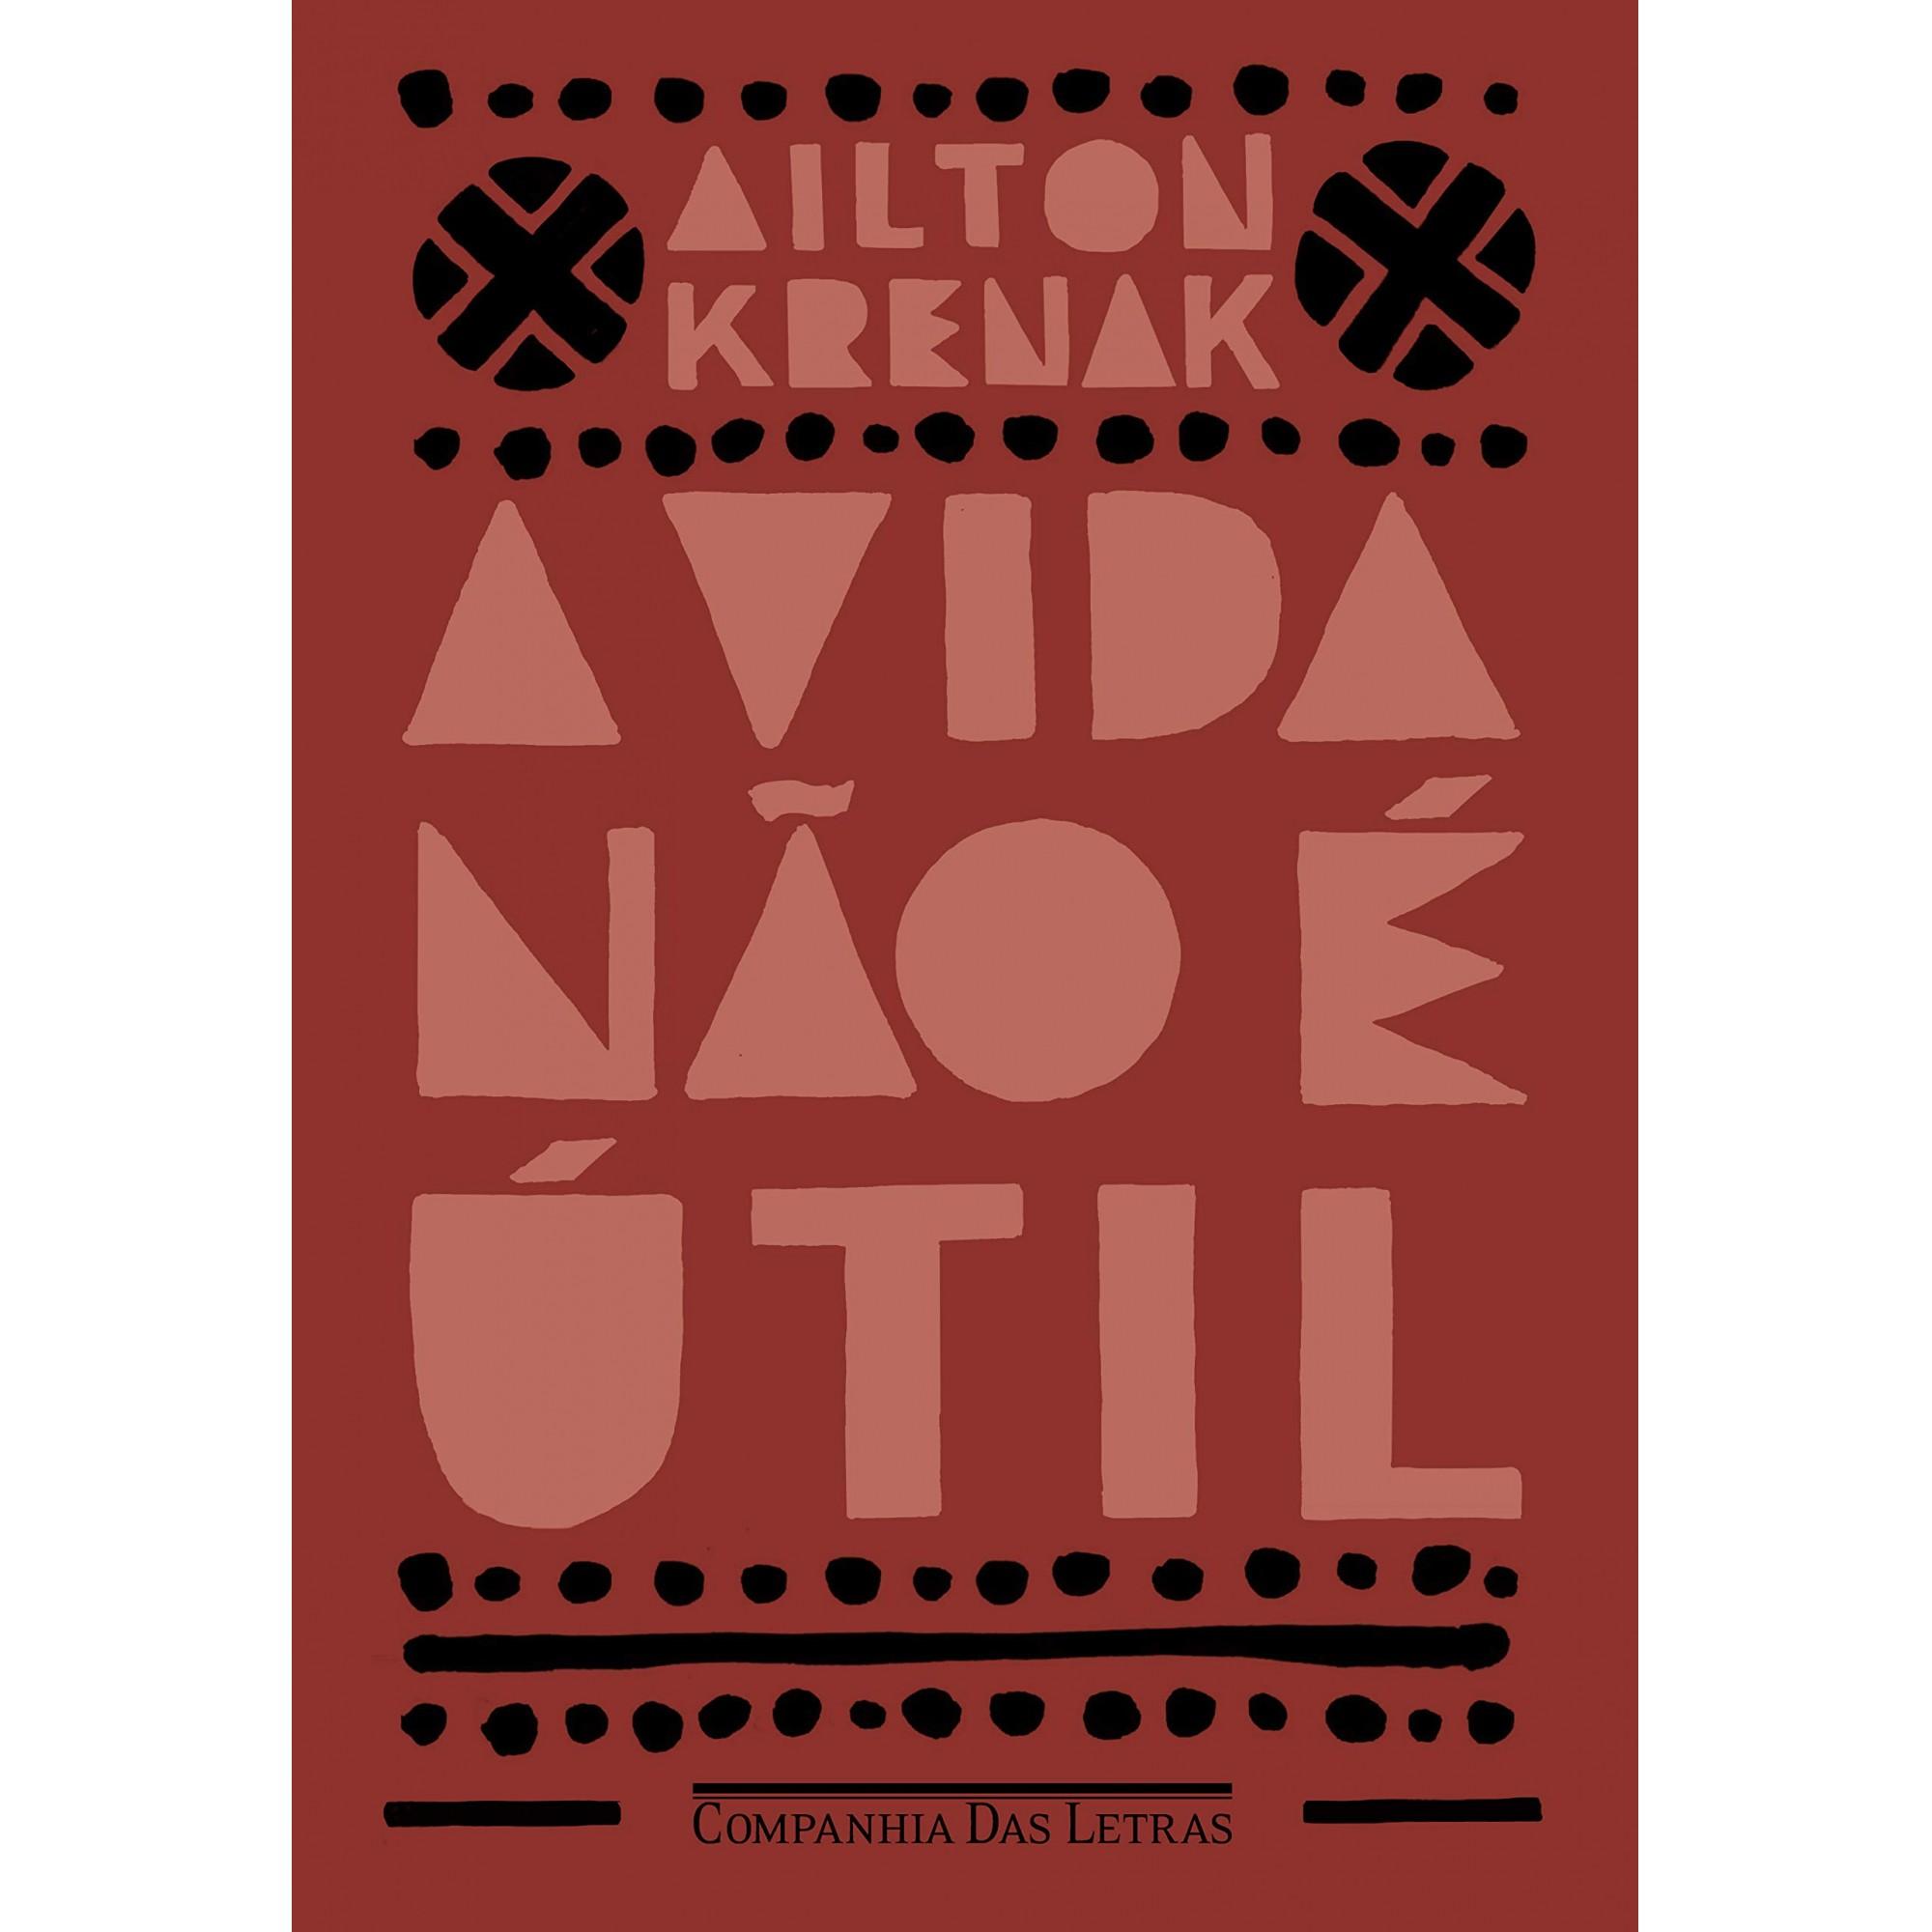 A Vida Não É Útil - Ailton Krenak